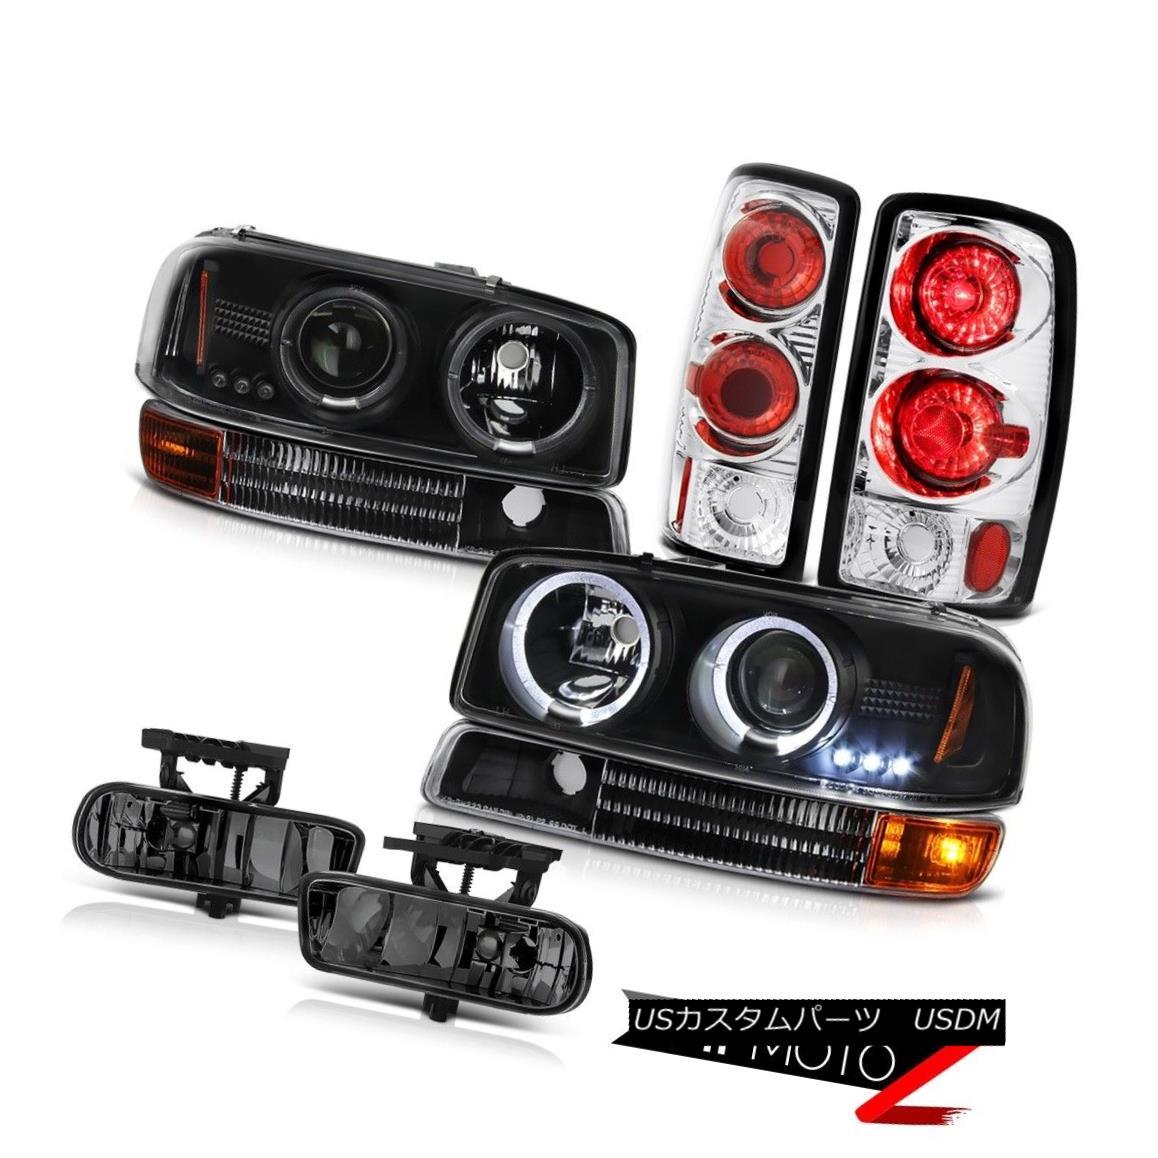 テールライト Black Halo LED Headlights Infinity Parking Tail Lights FogLamps 00-06 Yukon SLT ブラックヘイローヘッドライトインフィニティパーキングテールライトフォグランプ00-06ユーコンSLT